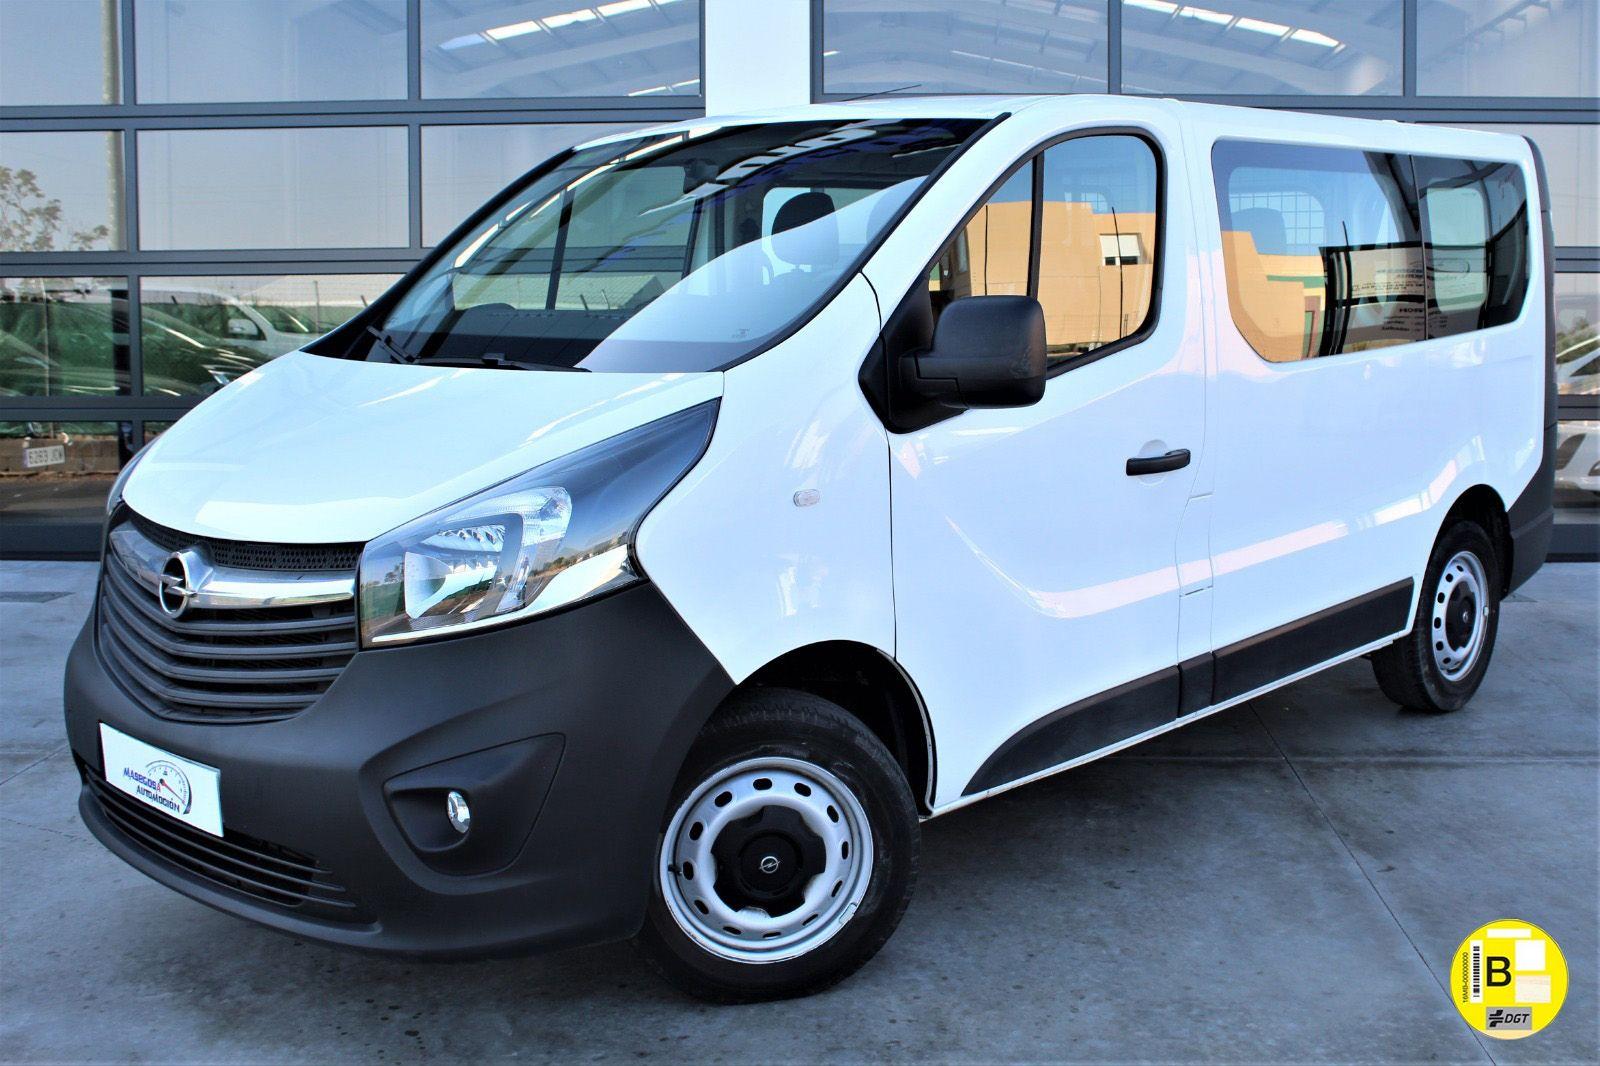 Lanzate Es Todo Lo Que Necesitas Para Triunfar Opel Vivaro 1 6 Cdti 115cv L1 Combi 6 Plazas Precio 16 490 35 500 K Automocion Combi Vehiculos